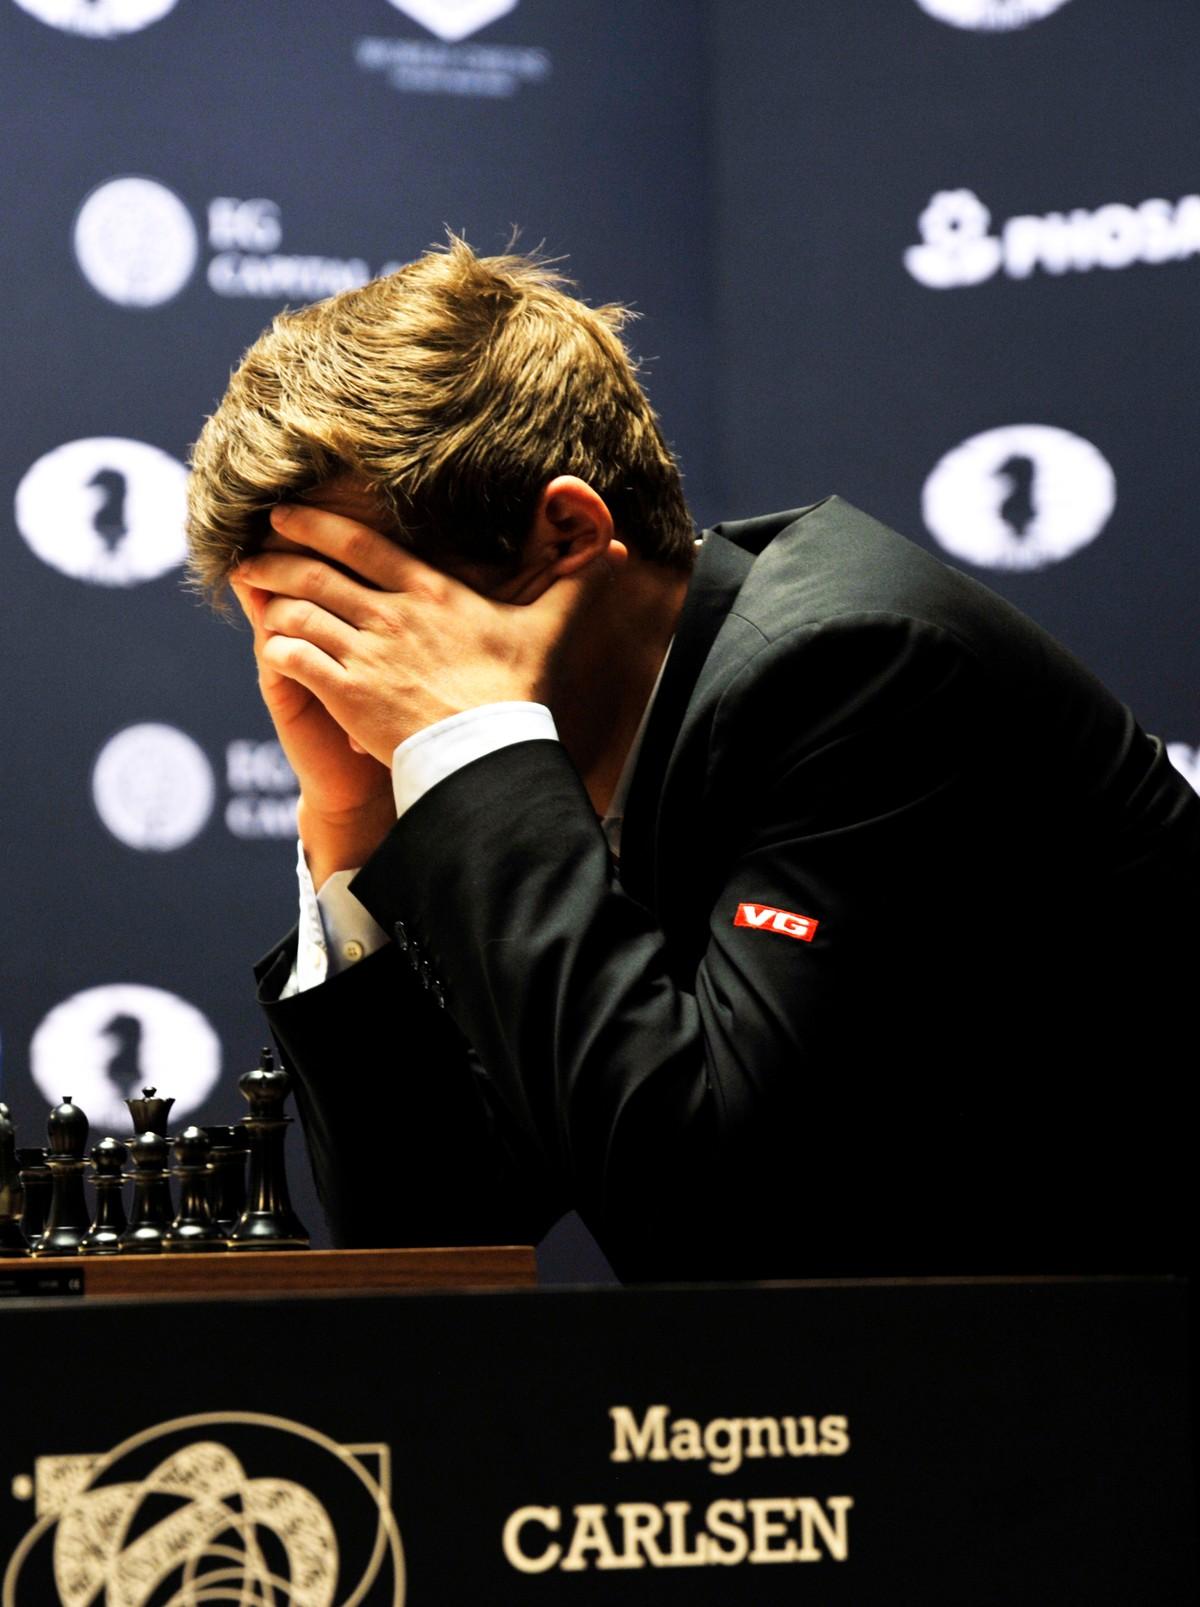 Frustrert Carlsen Dette Var Under Min Standard Nrk Sport Sportsnyheter Resultater Og Sendeplan